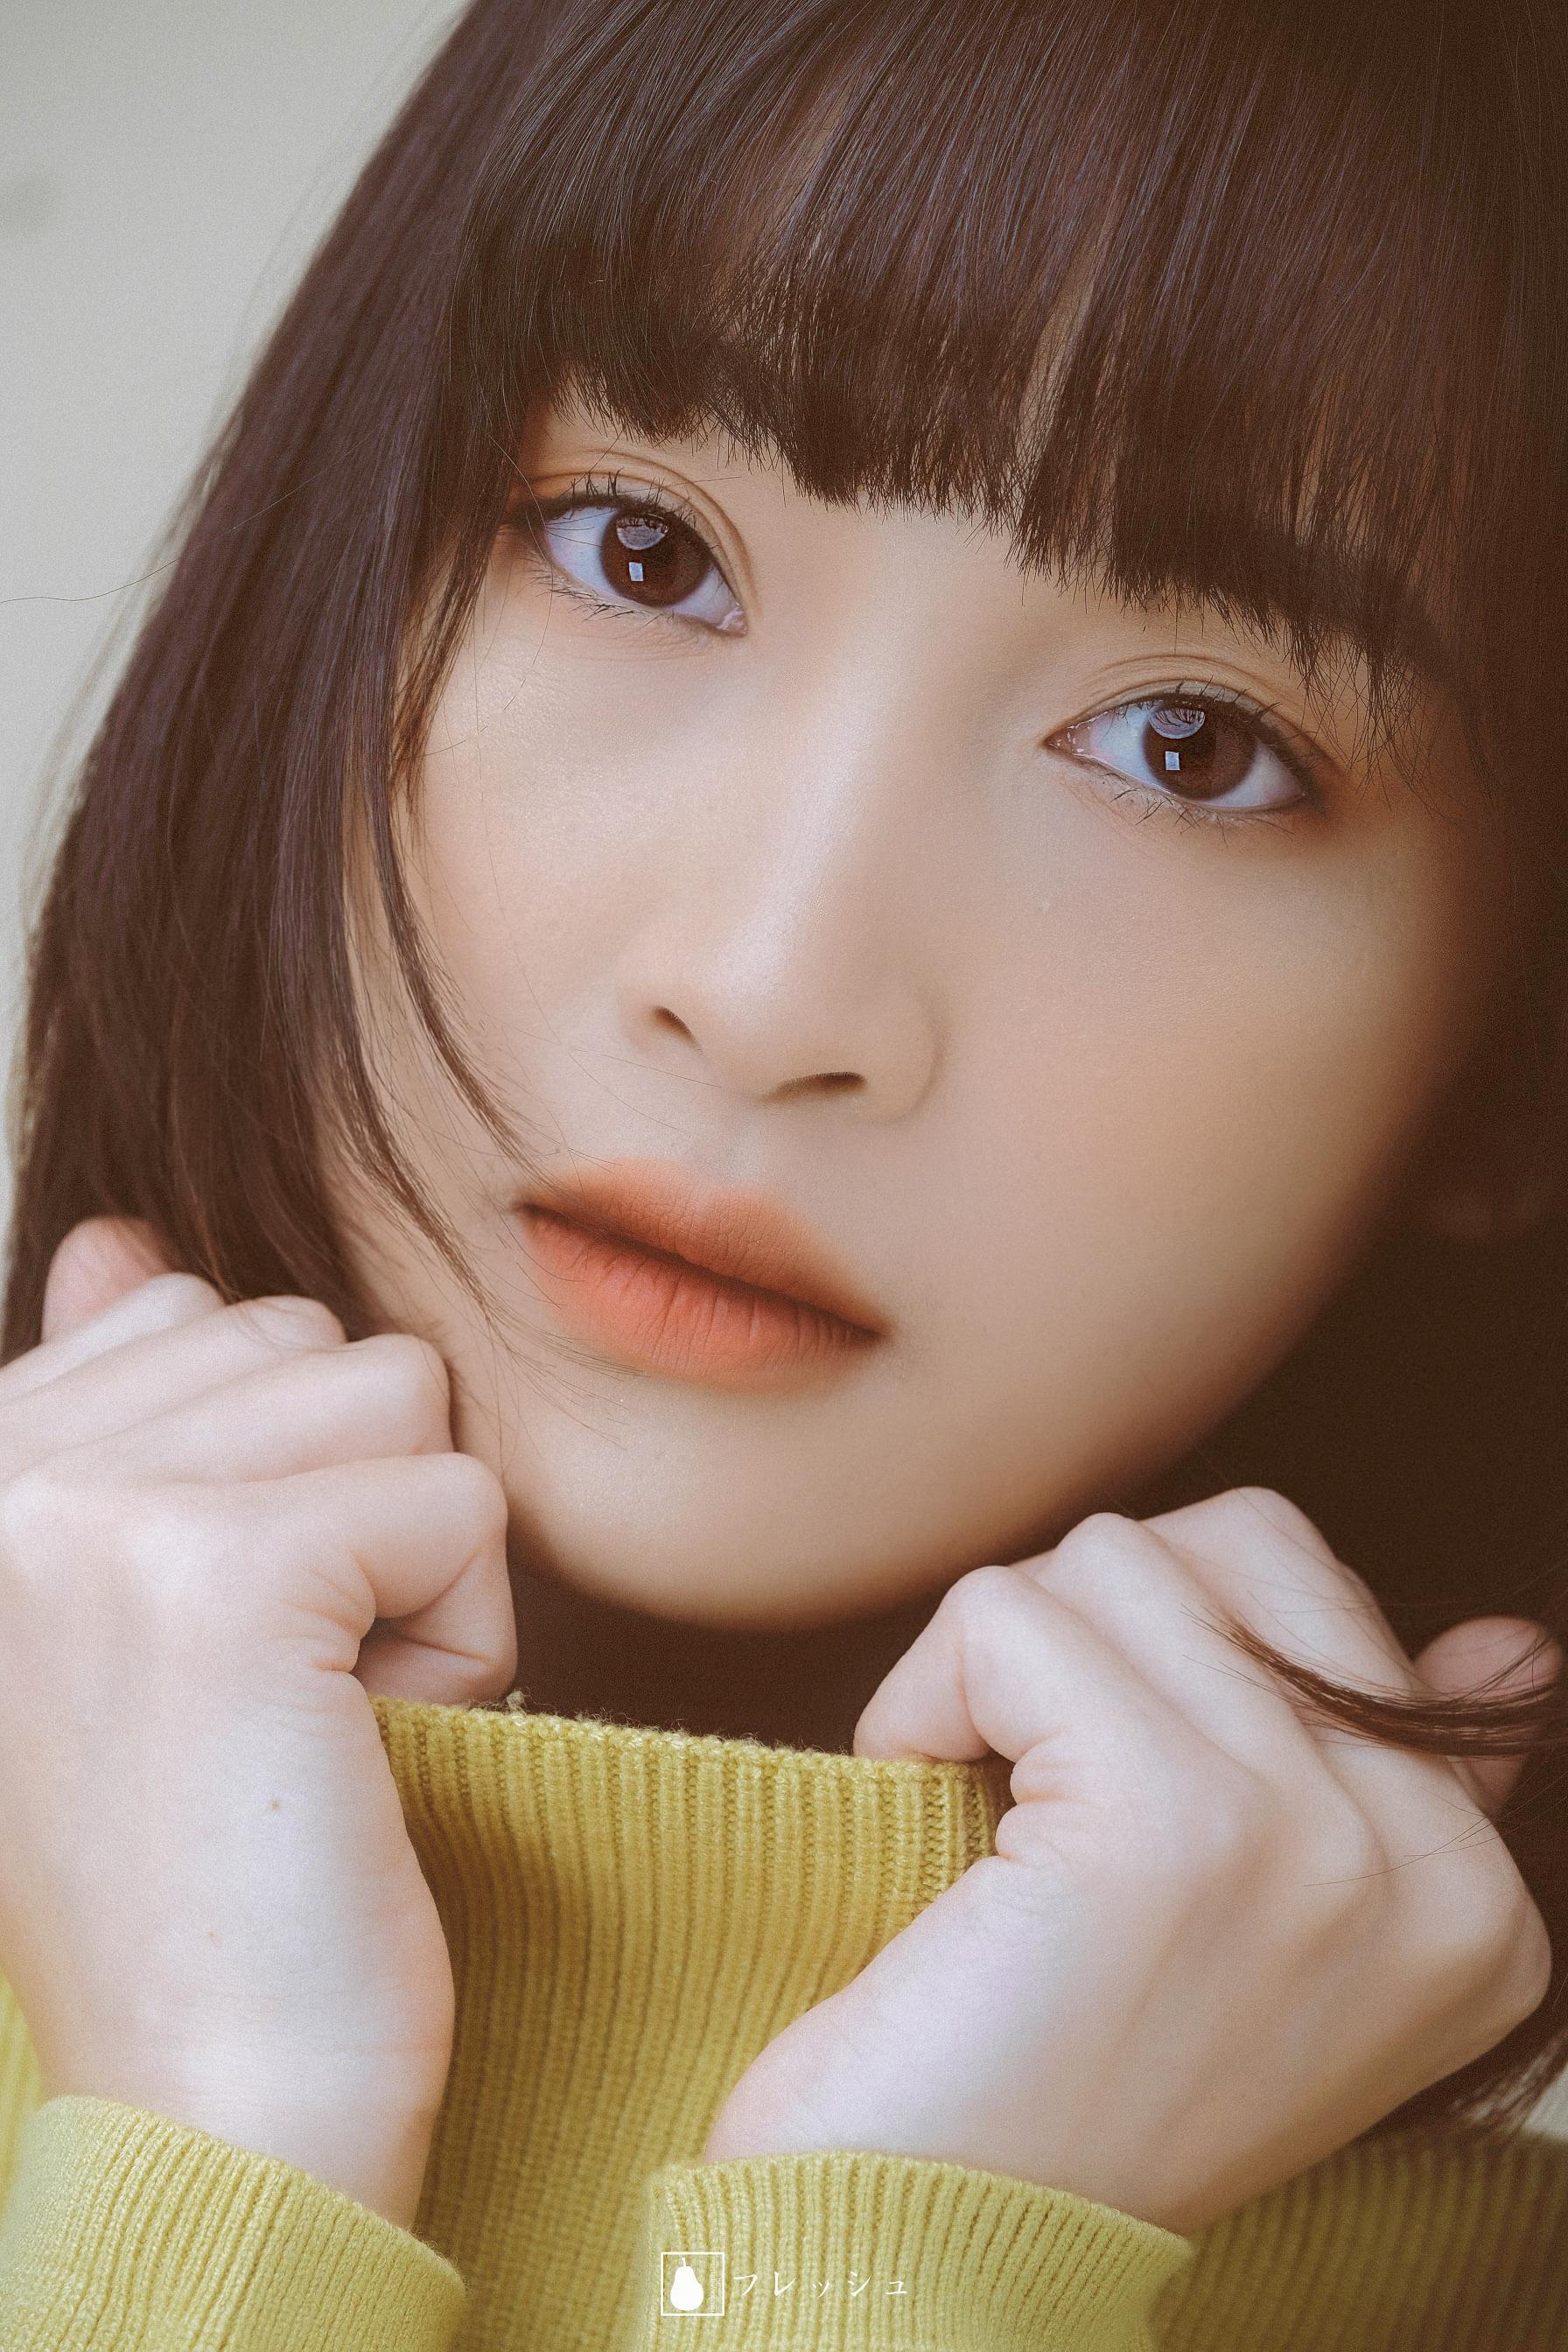 Juky San 'gây thương nhớ' với vẻ đẹp mong manh, hé lộ dự án đặc biệt dành tặng người hâm mộ Ảnh 4